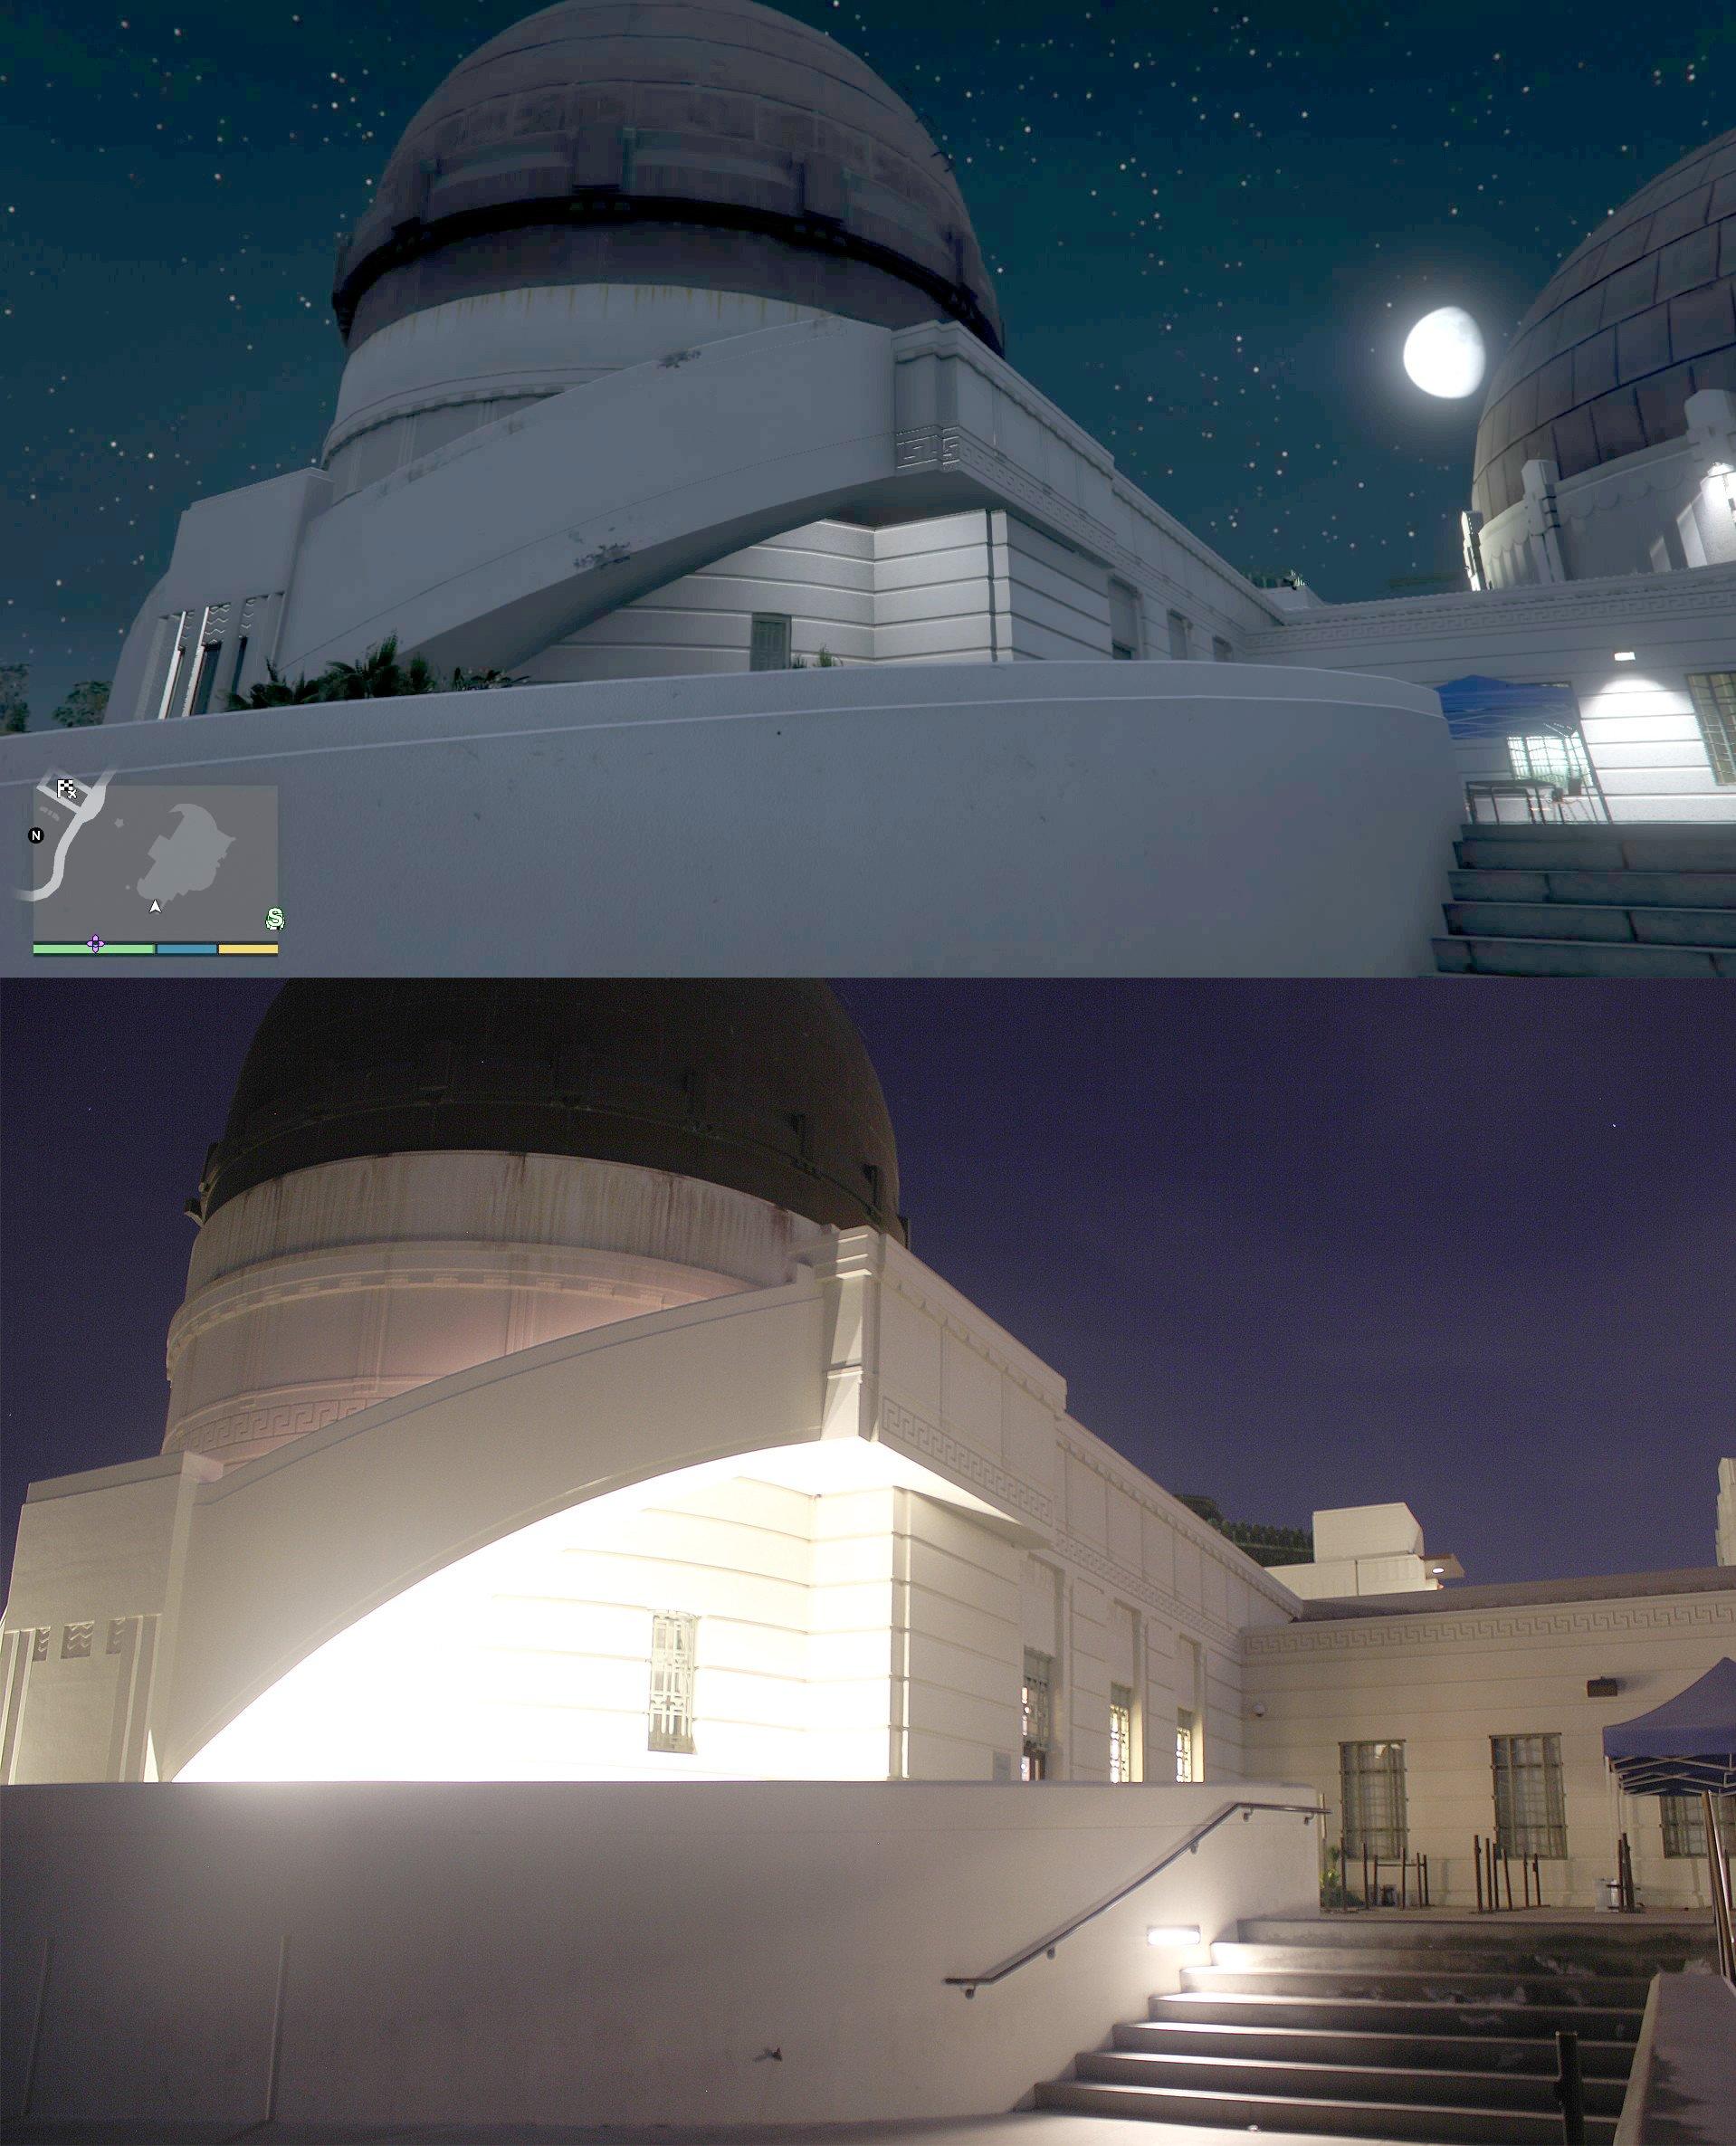 GTA V vs Реальность - Изображение 2